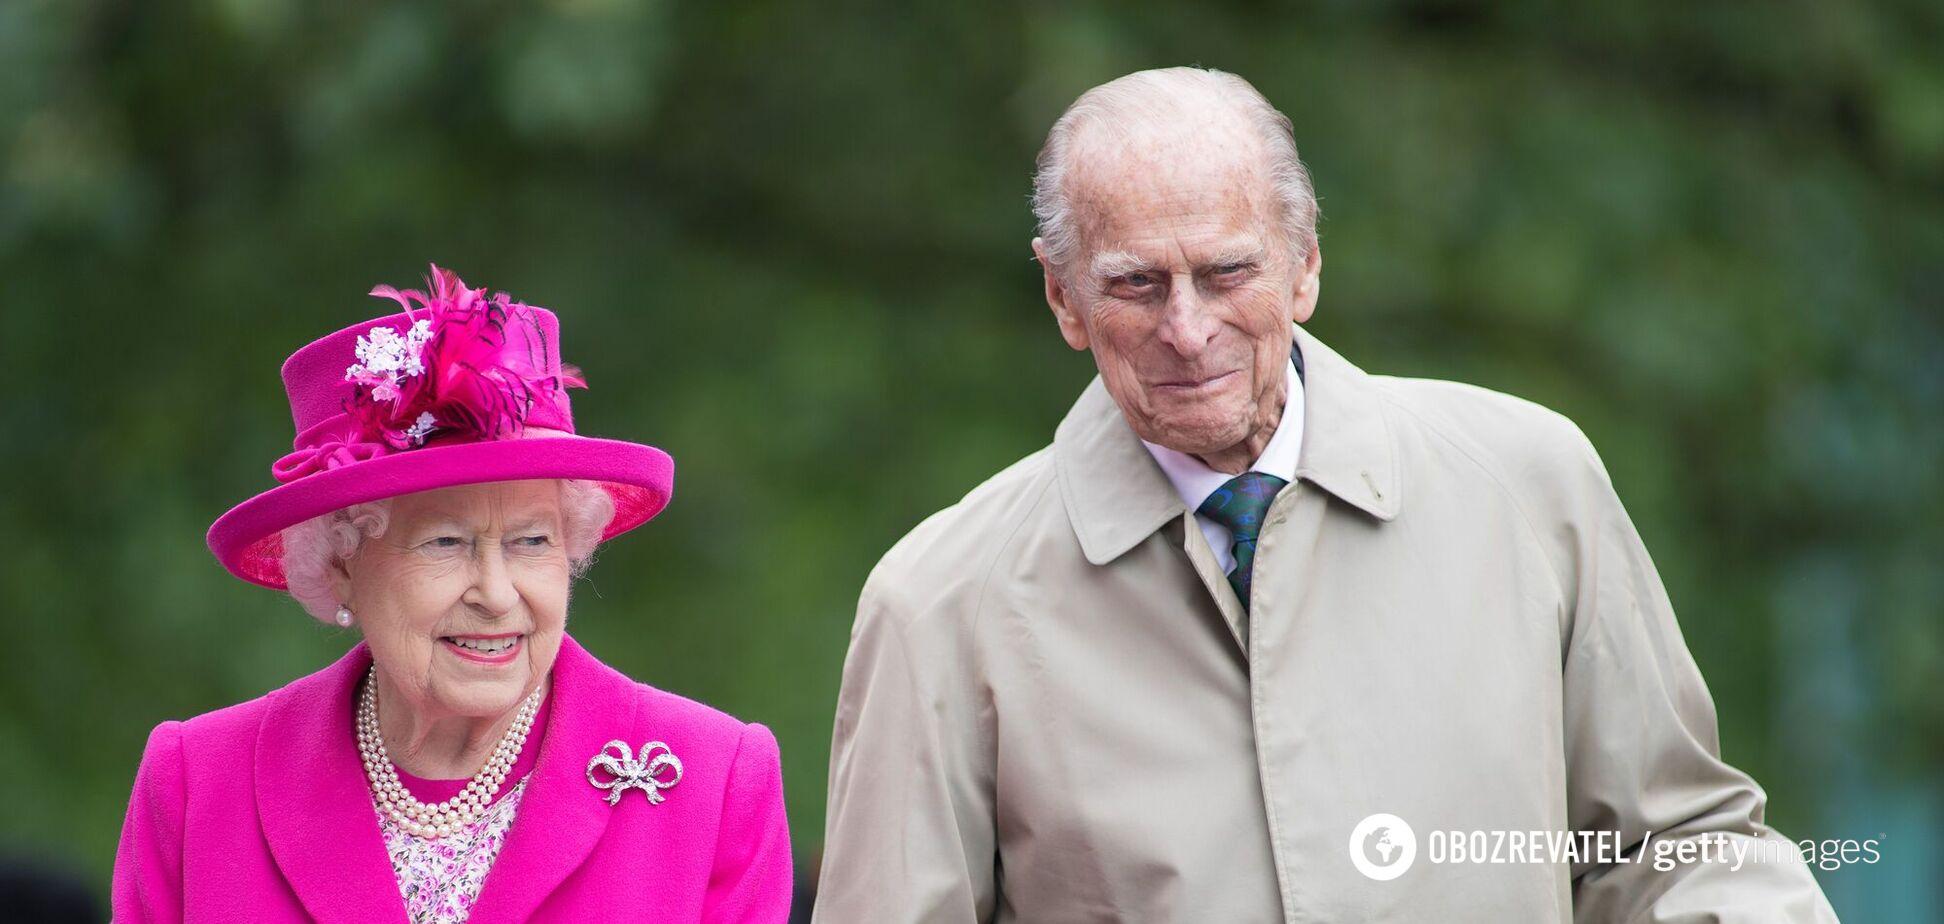 В сети вспомнили шутку принца Филиппа о королевском троне